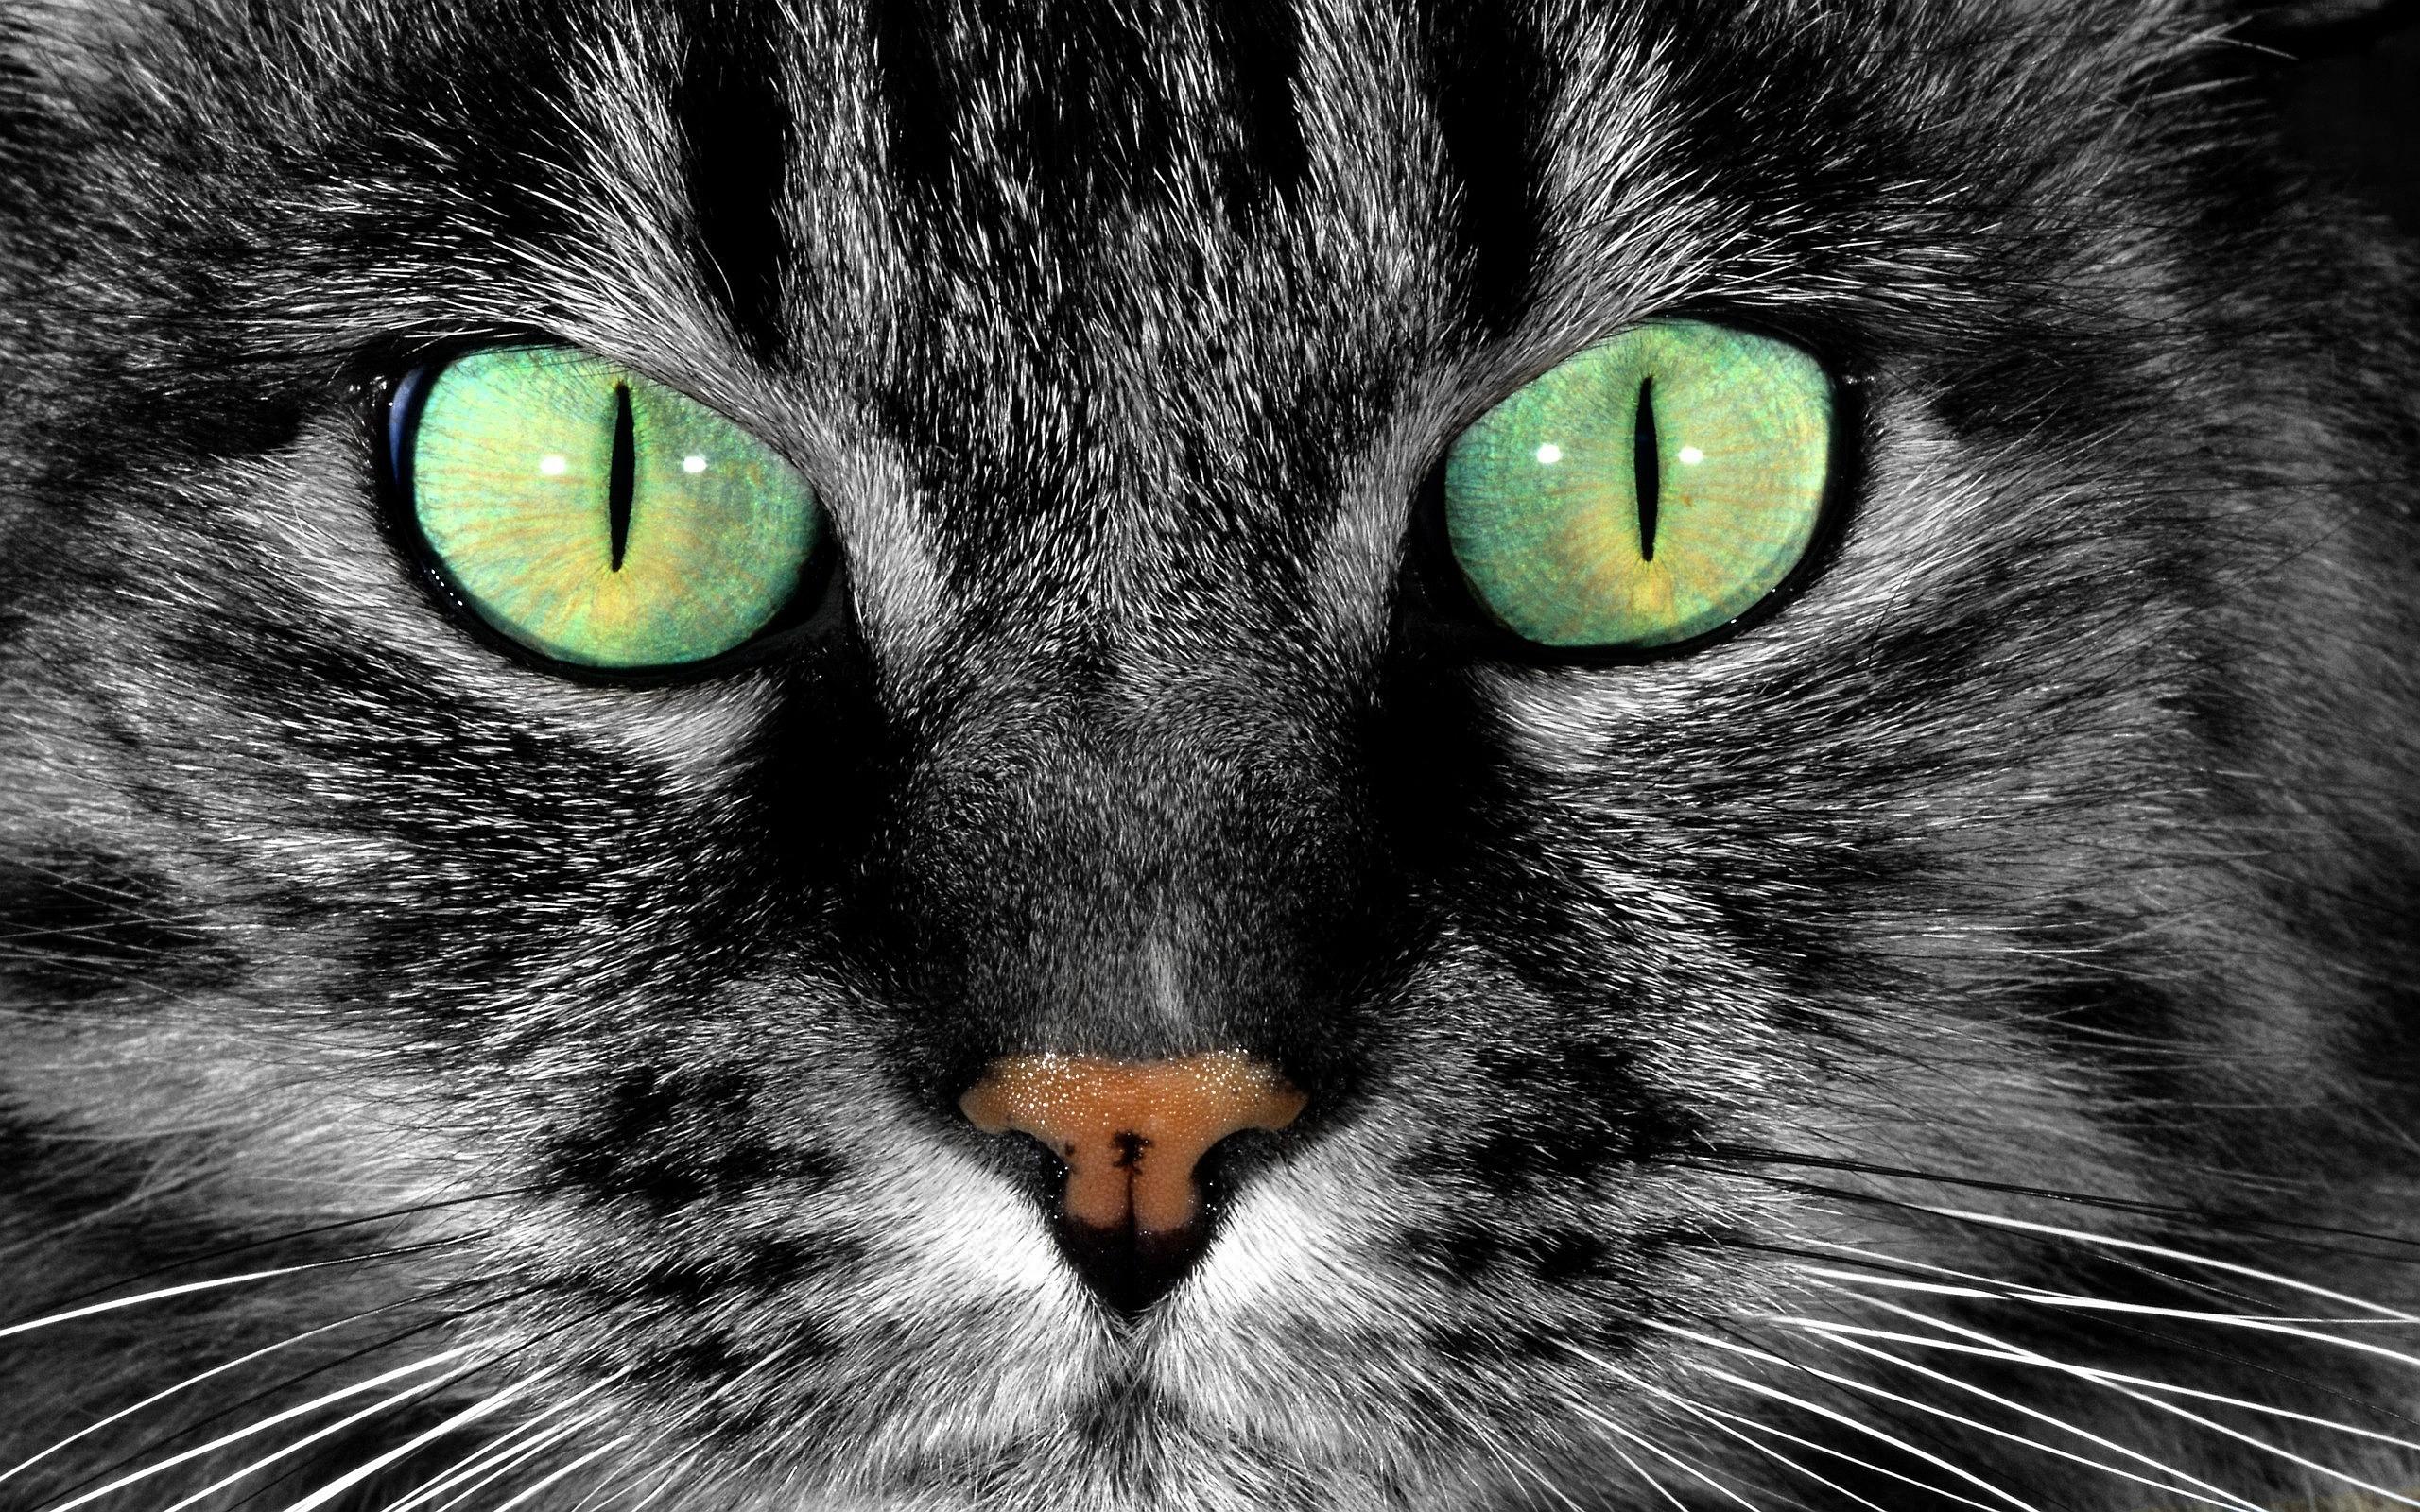 wallpaper cat eyes